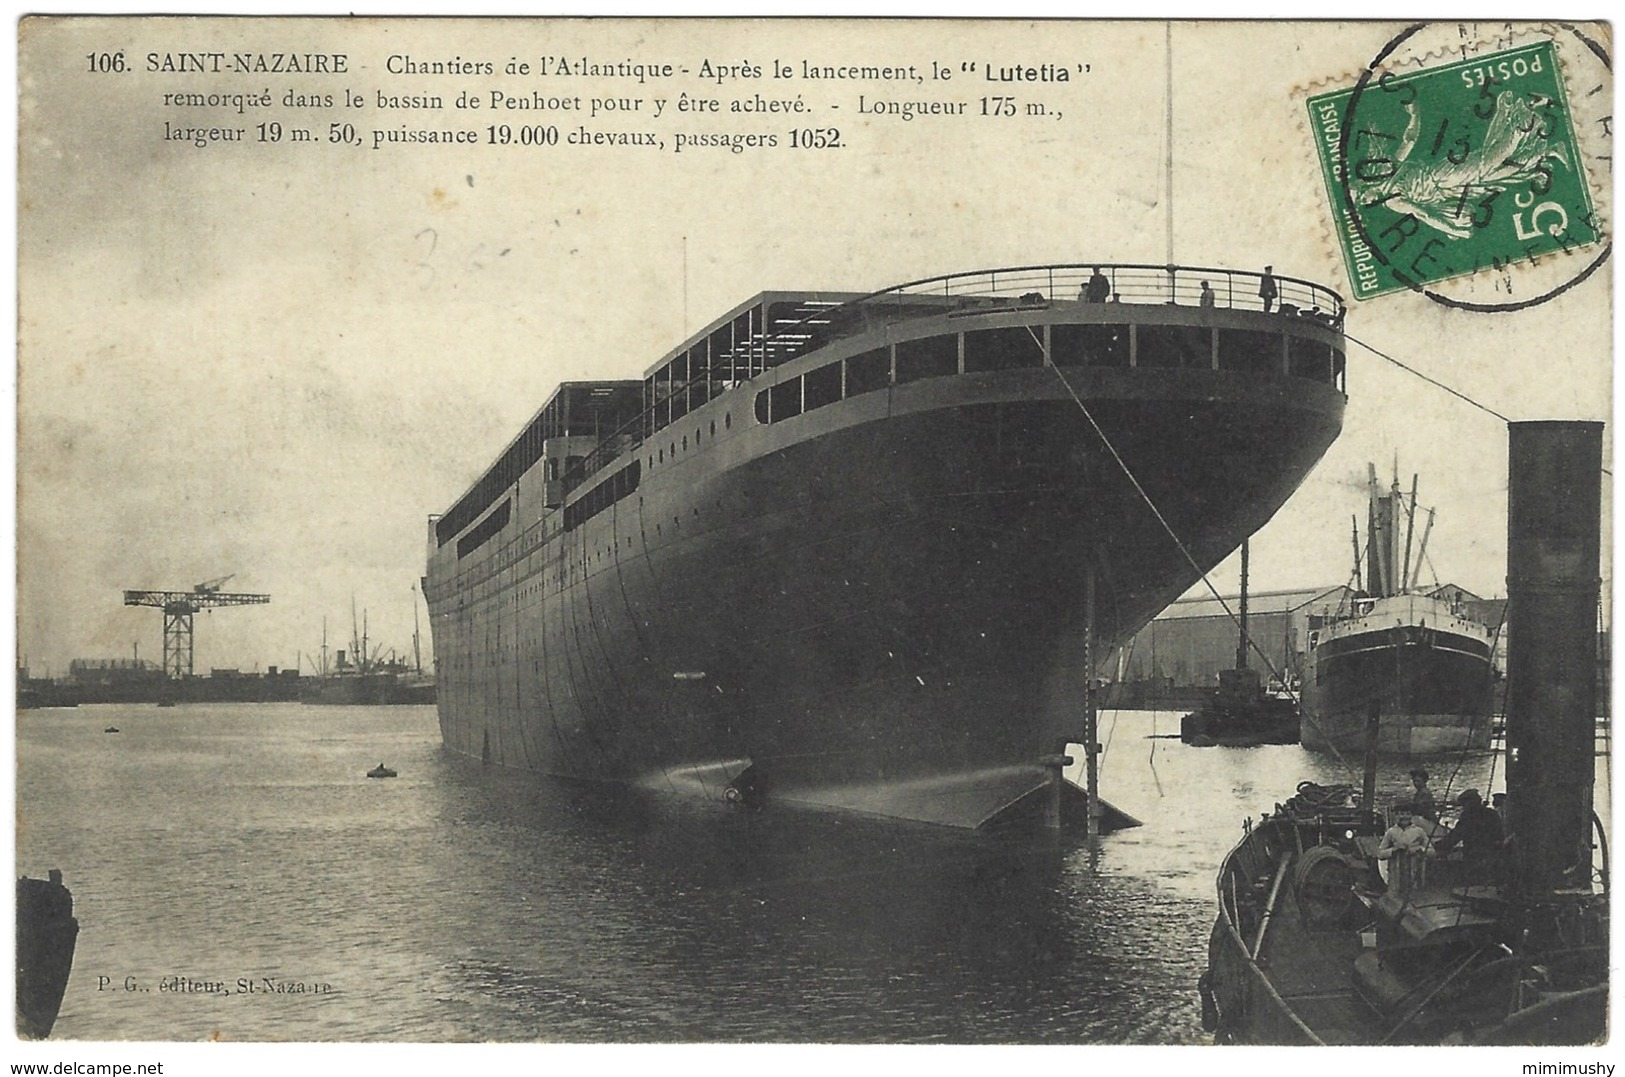 Saint Nazaire Chantiers De L'Atlantique - Lancement Du Lutetia Remorqué Dans Le Bassin De Penhoet Pour Y Etre Achevé - Paquebots